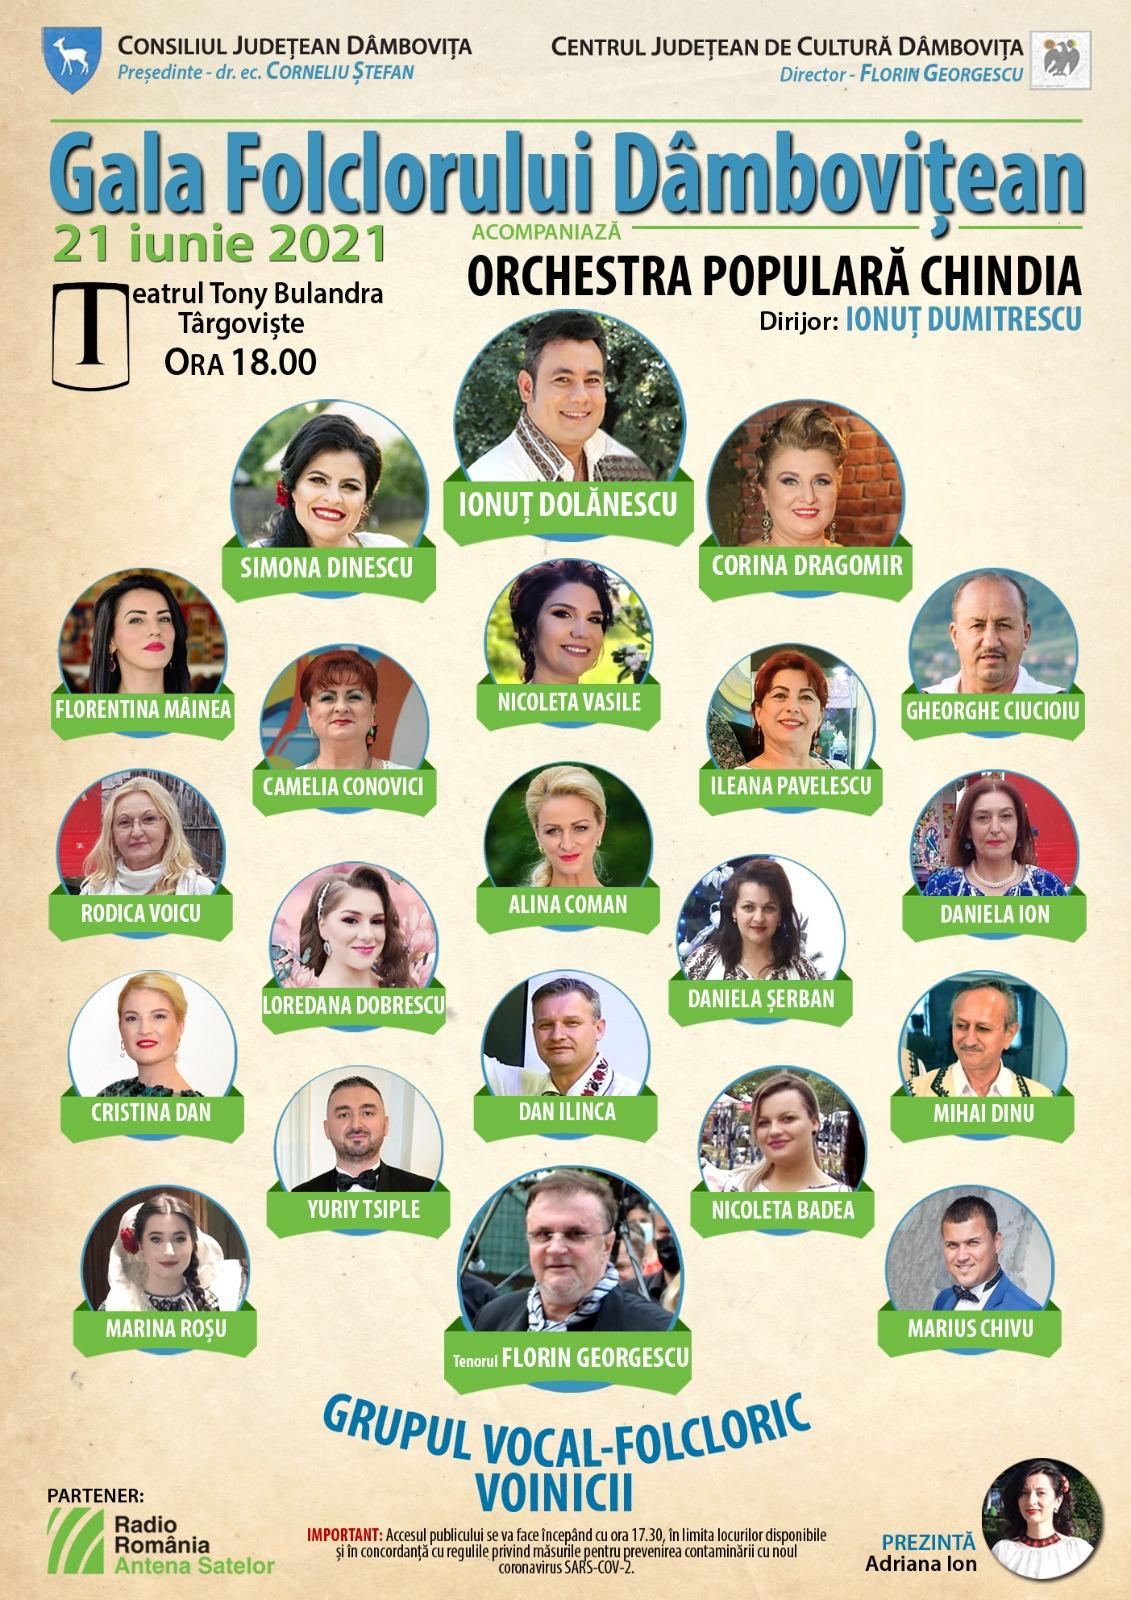 Gala folclorului dâmbovițean